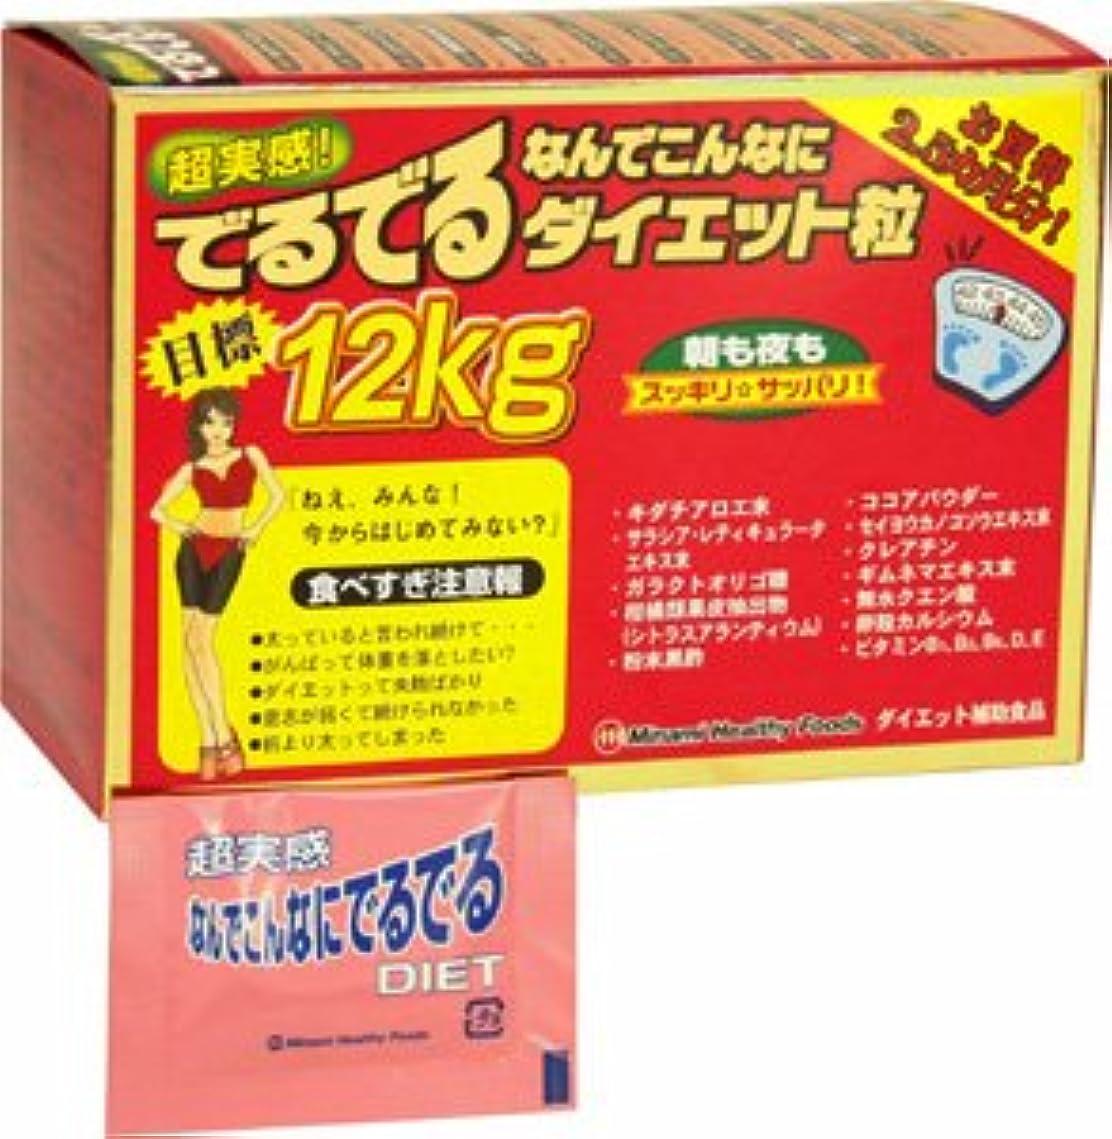 鮮やかなスチュワーデス猫背〔ミナミヘルシーフーズ株式会社〕超実感なんでこんなにでるでるダイエット 6粒×75H×2セット